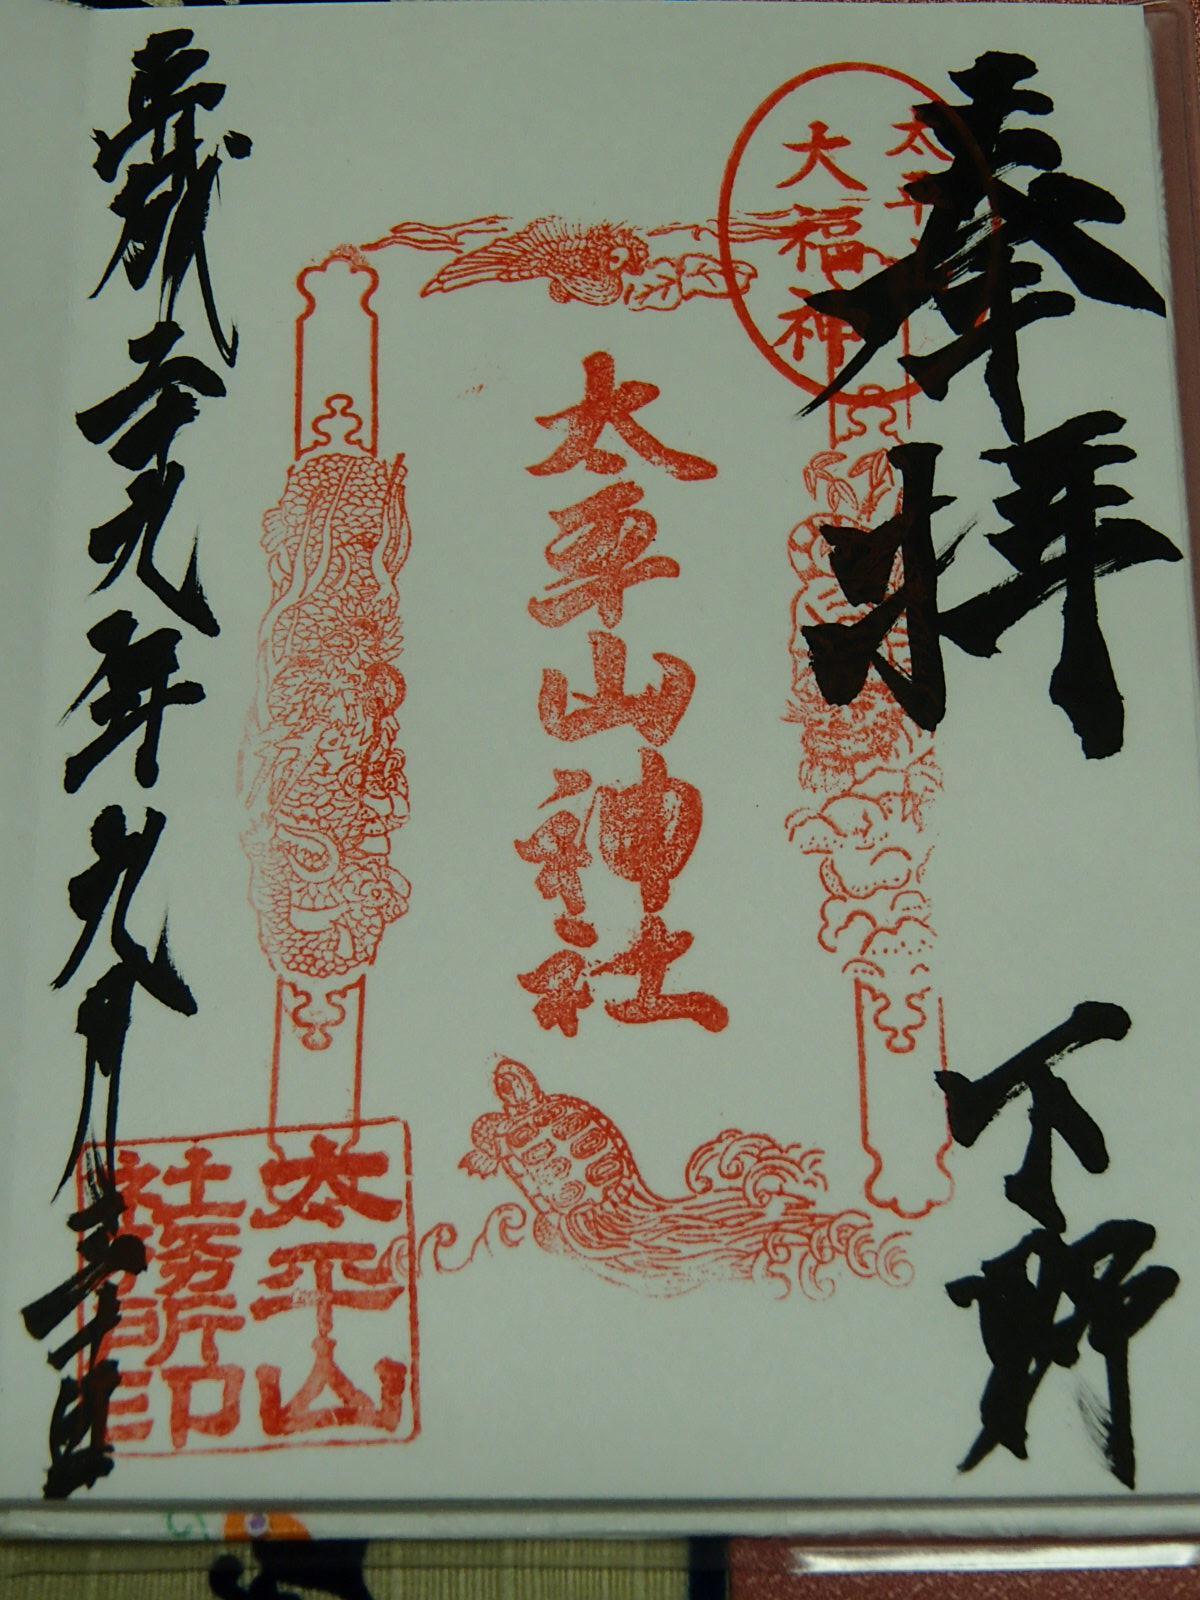 太平山神社の御朱印